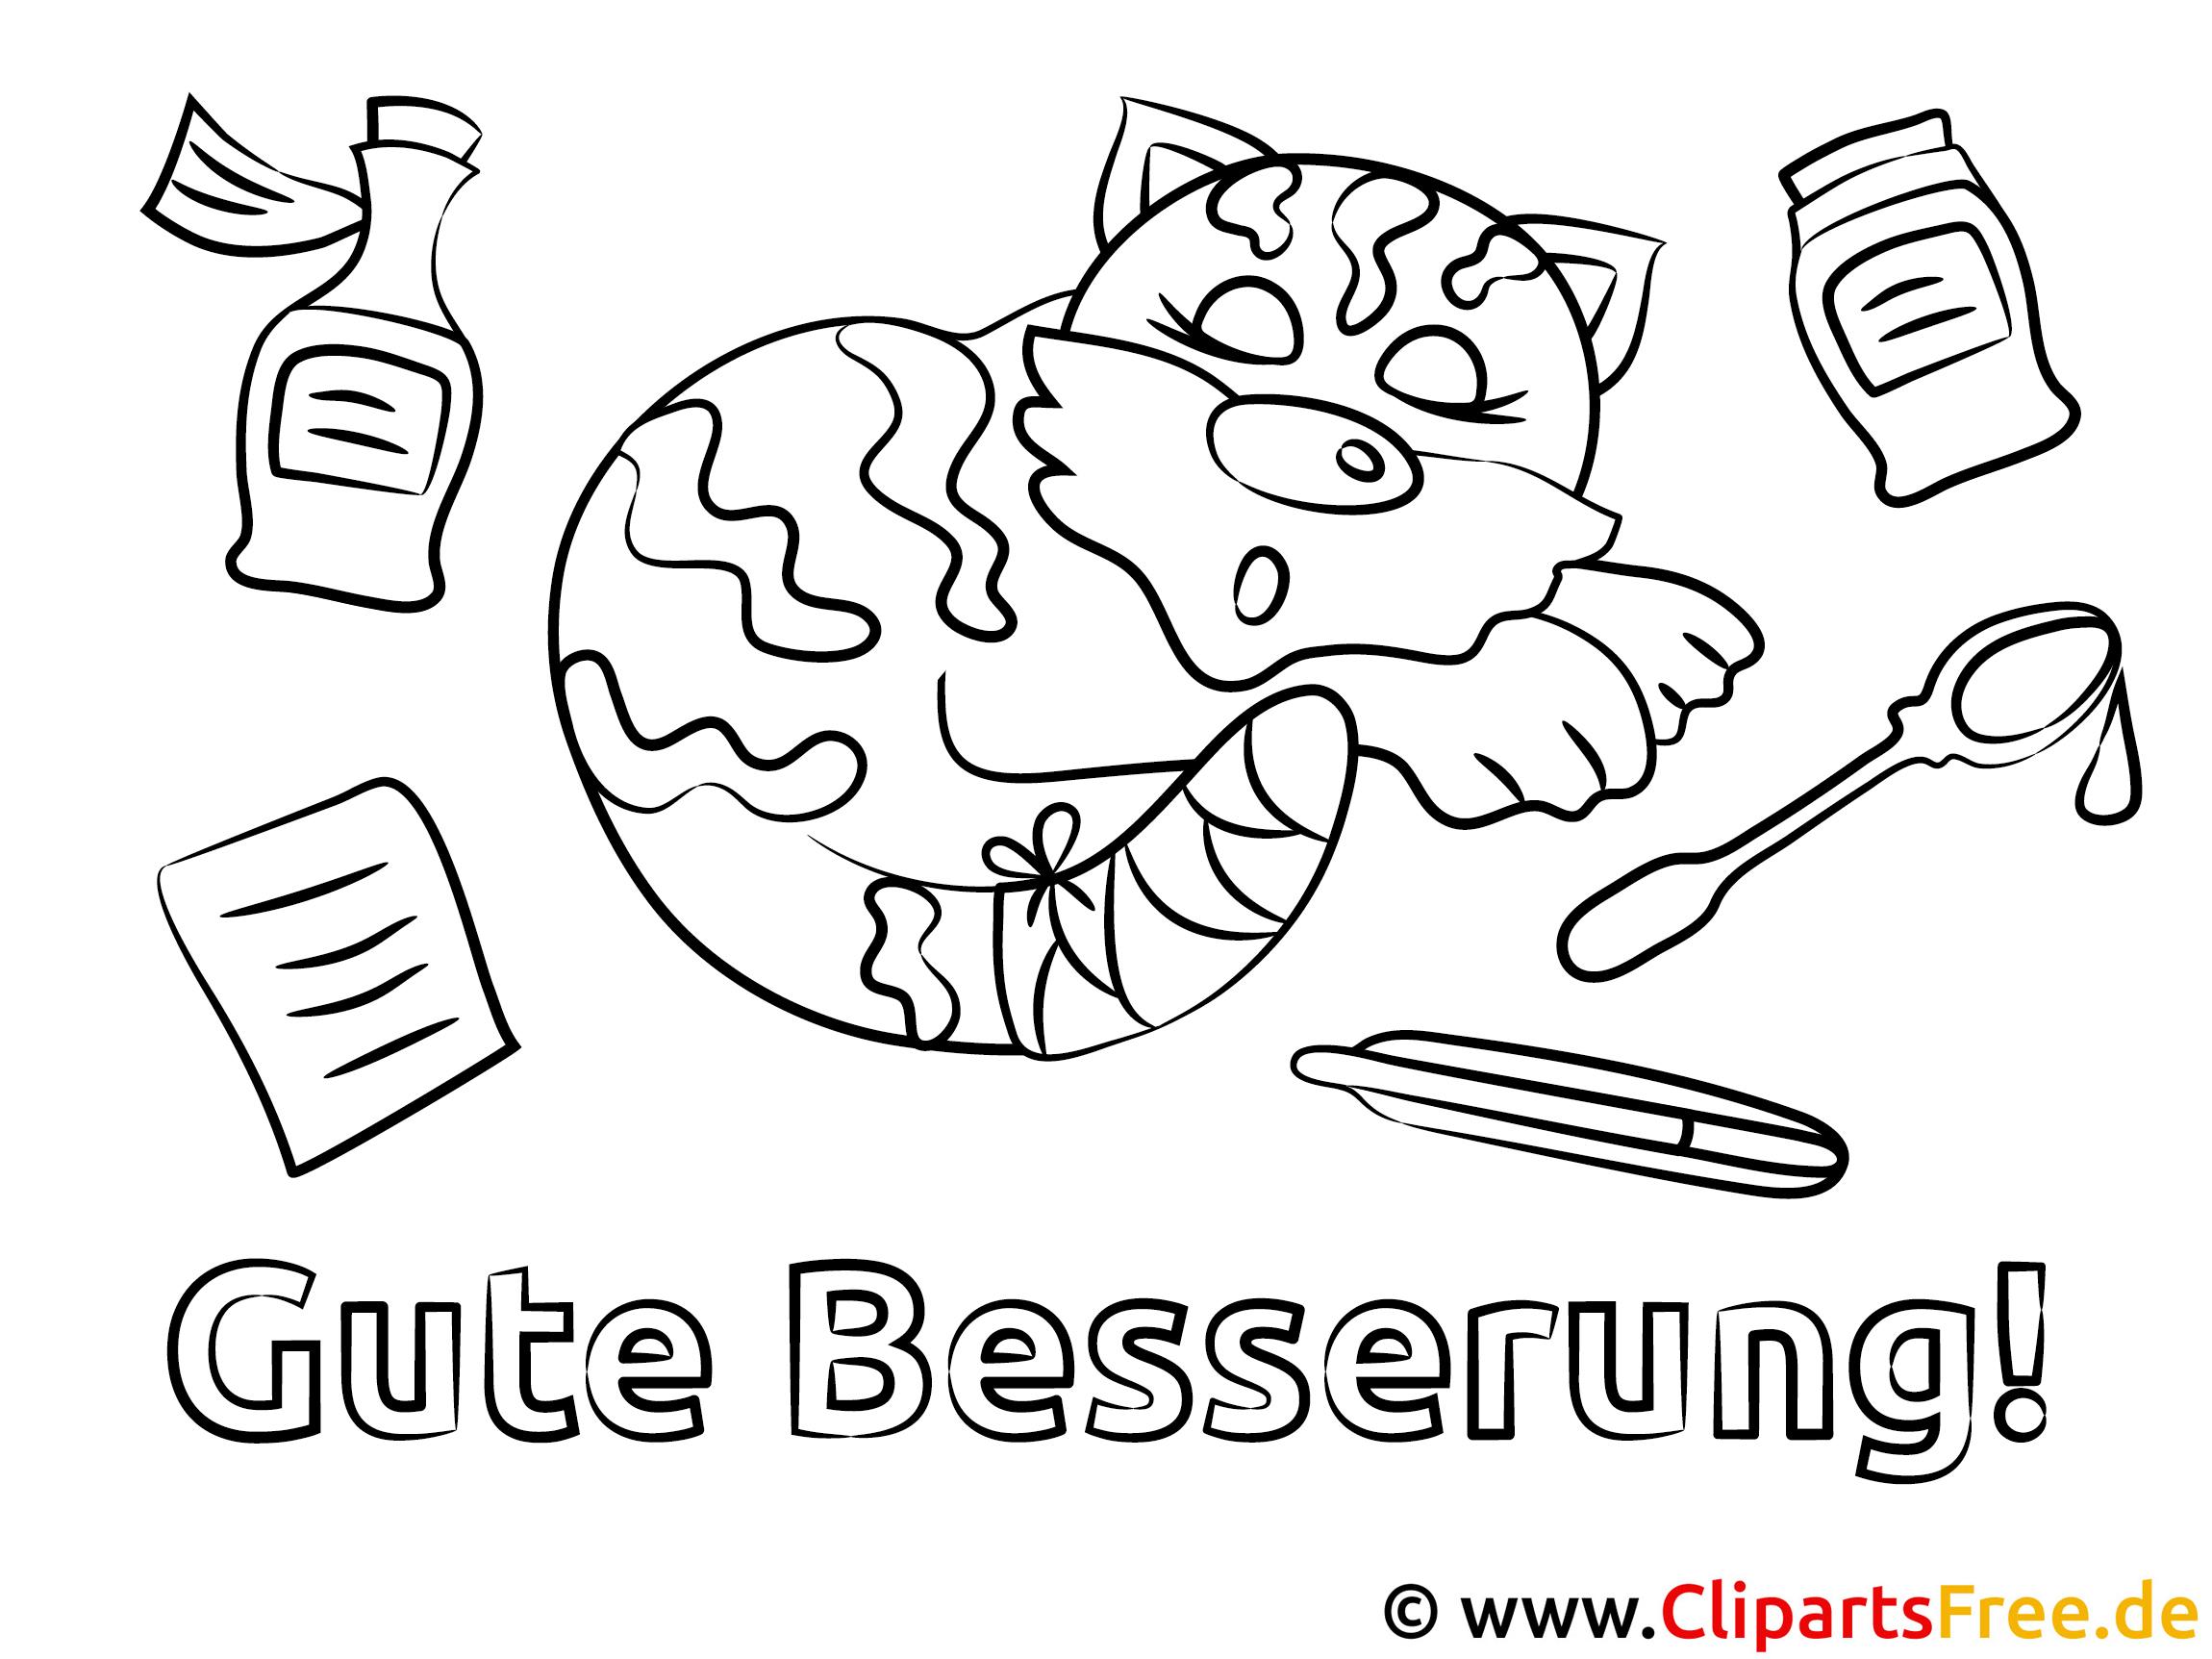 Malvorlagen Für Kinder: Katze Gute Besserung Ausmalbilder Gratis Für Kinder